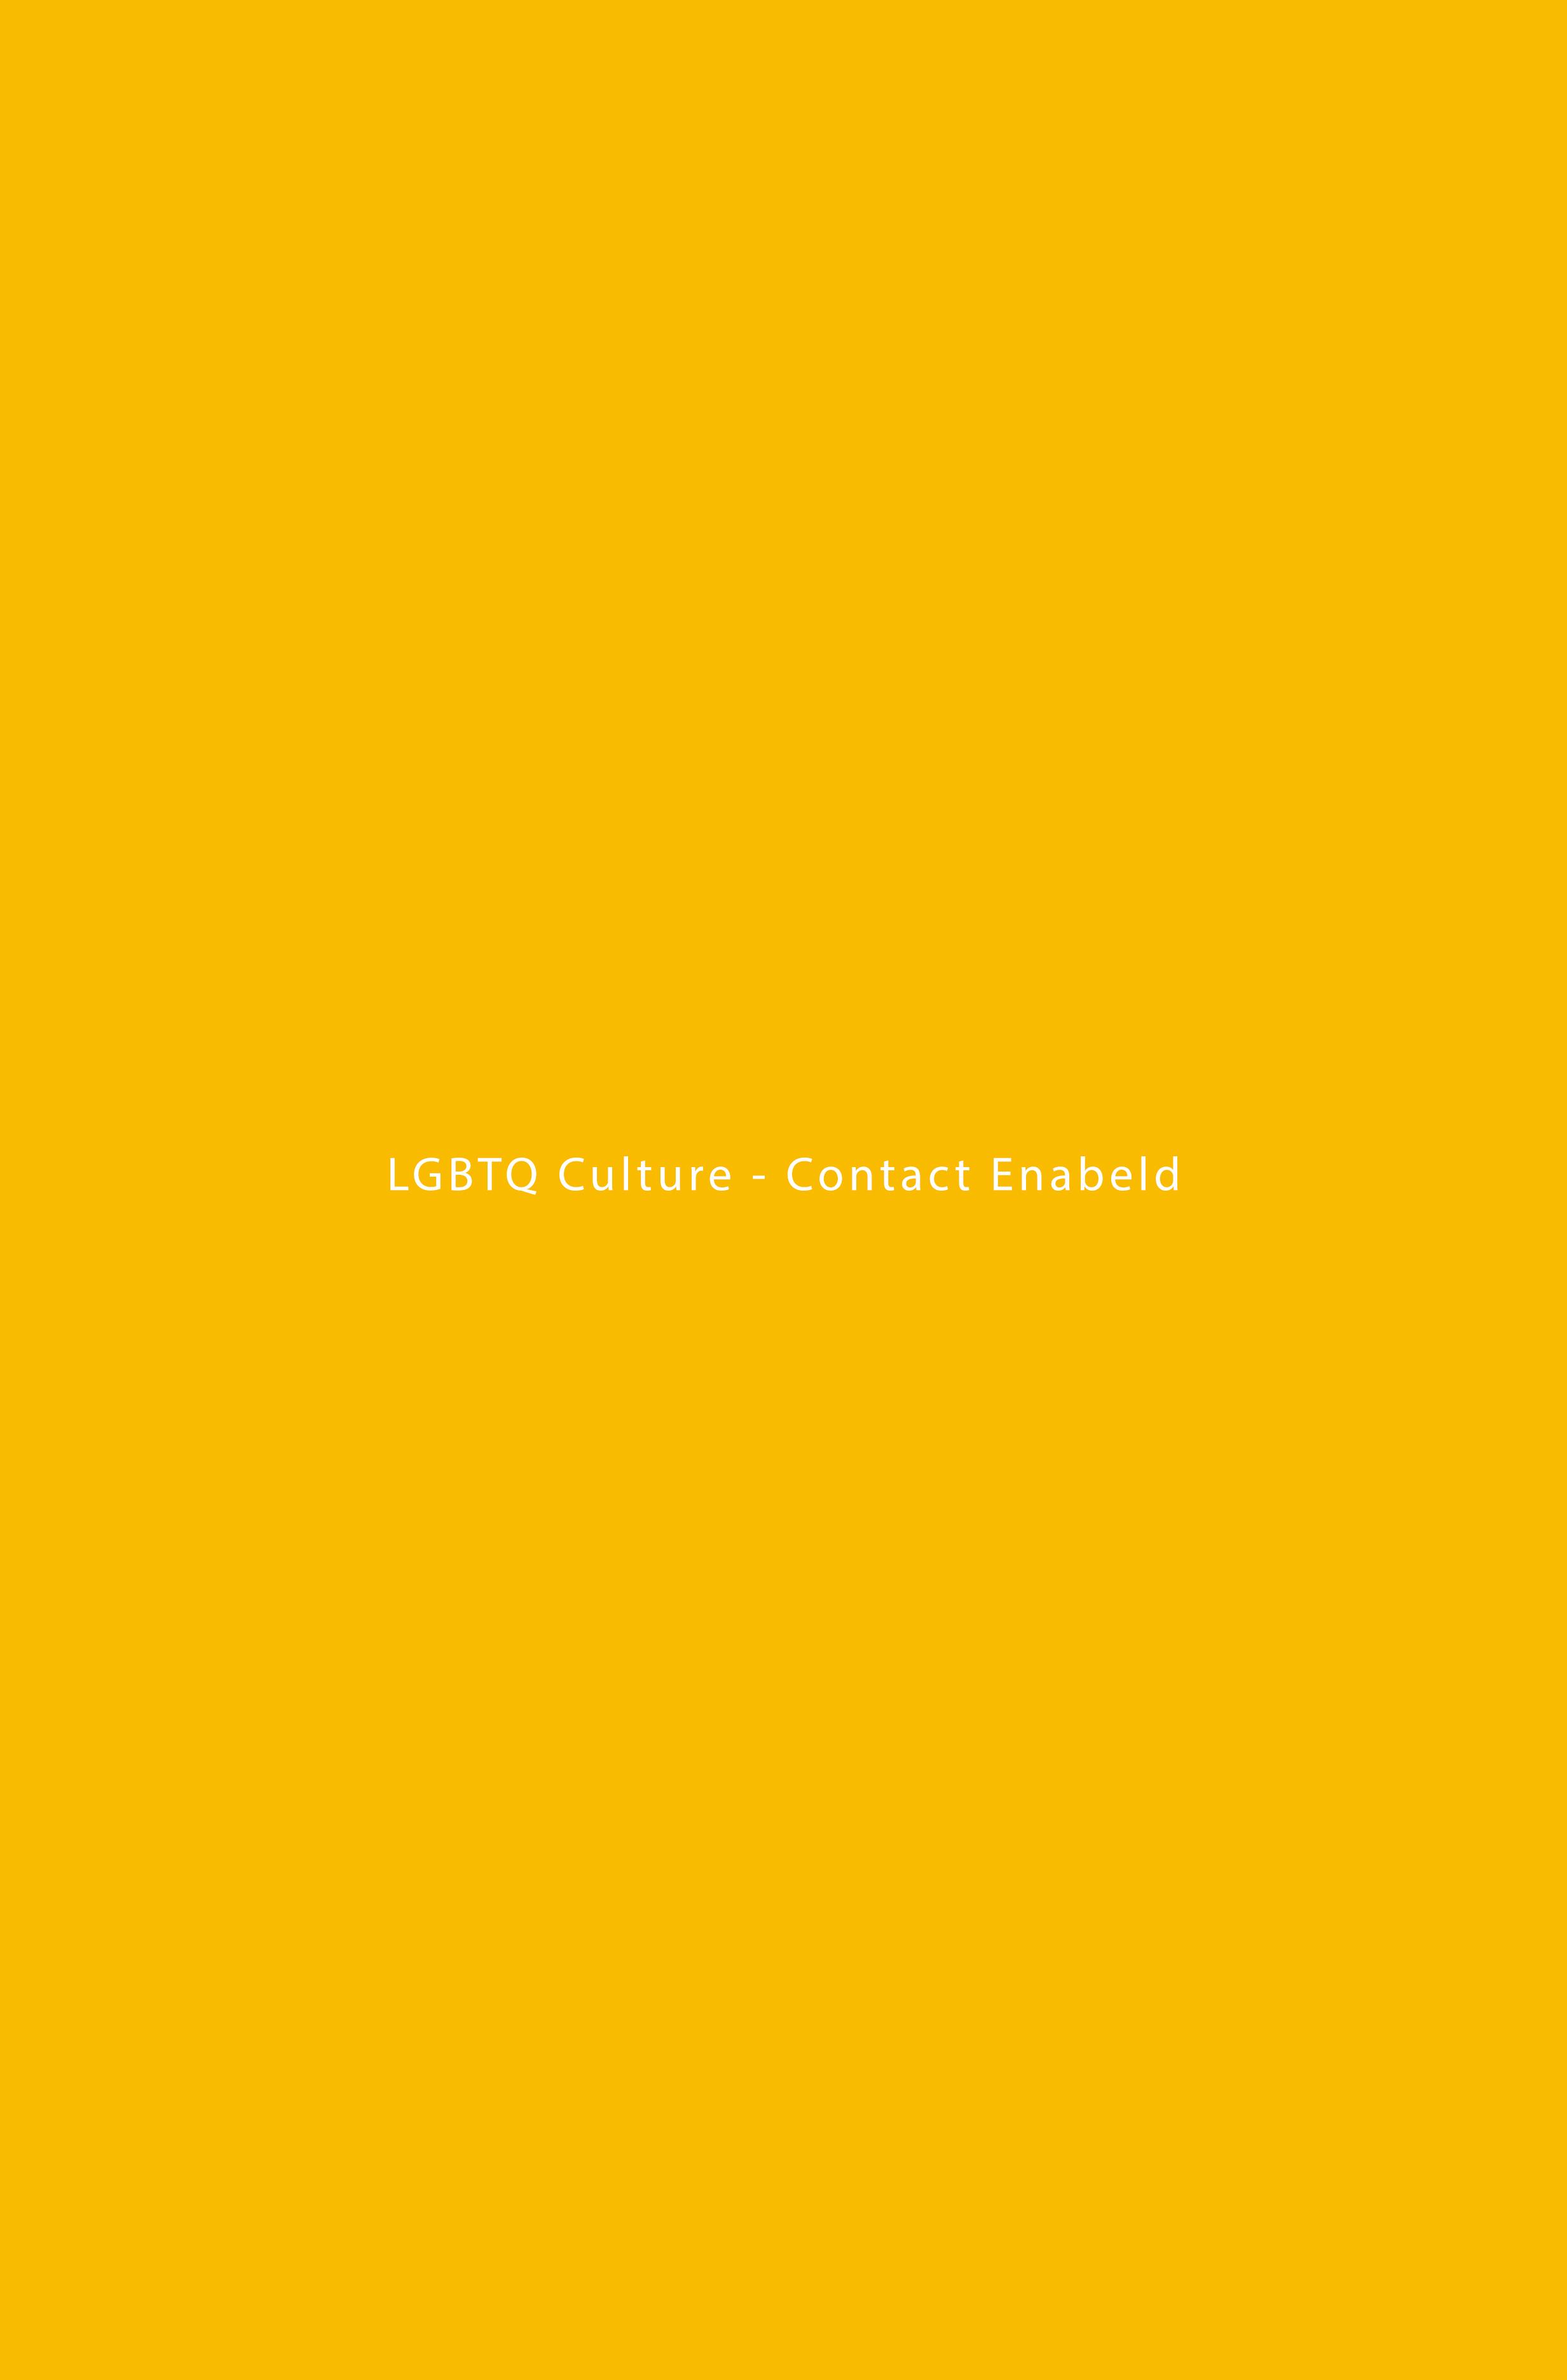 LGBTQQ.jpg